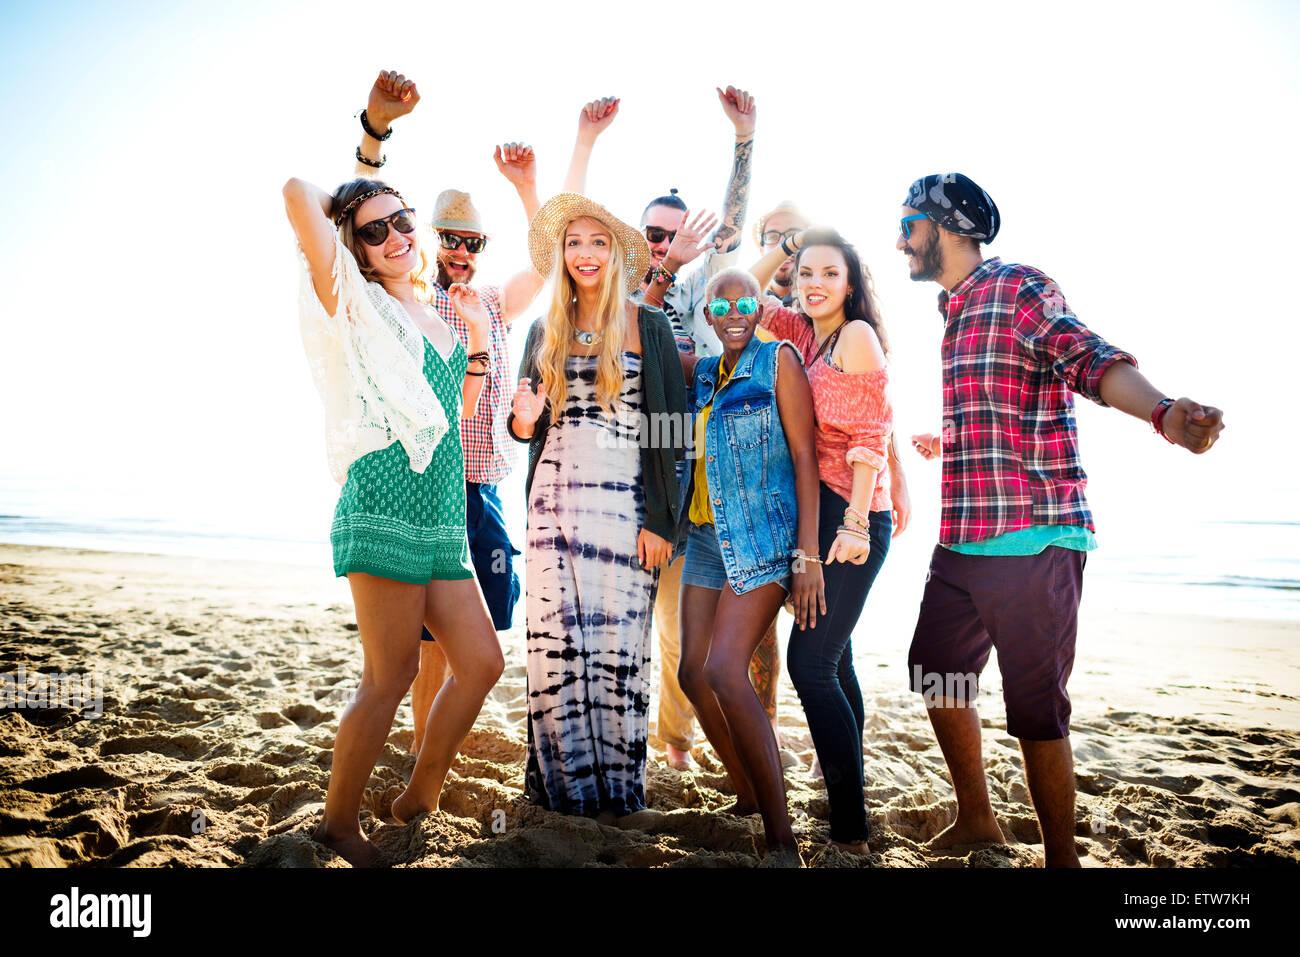 Les adolescents amis Beach Party Concept Bonheur Banque D'Images